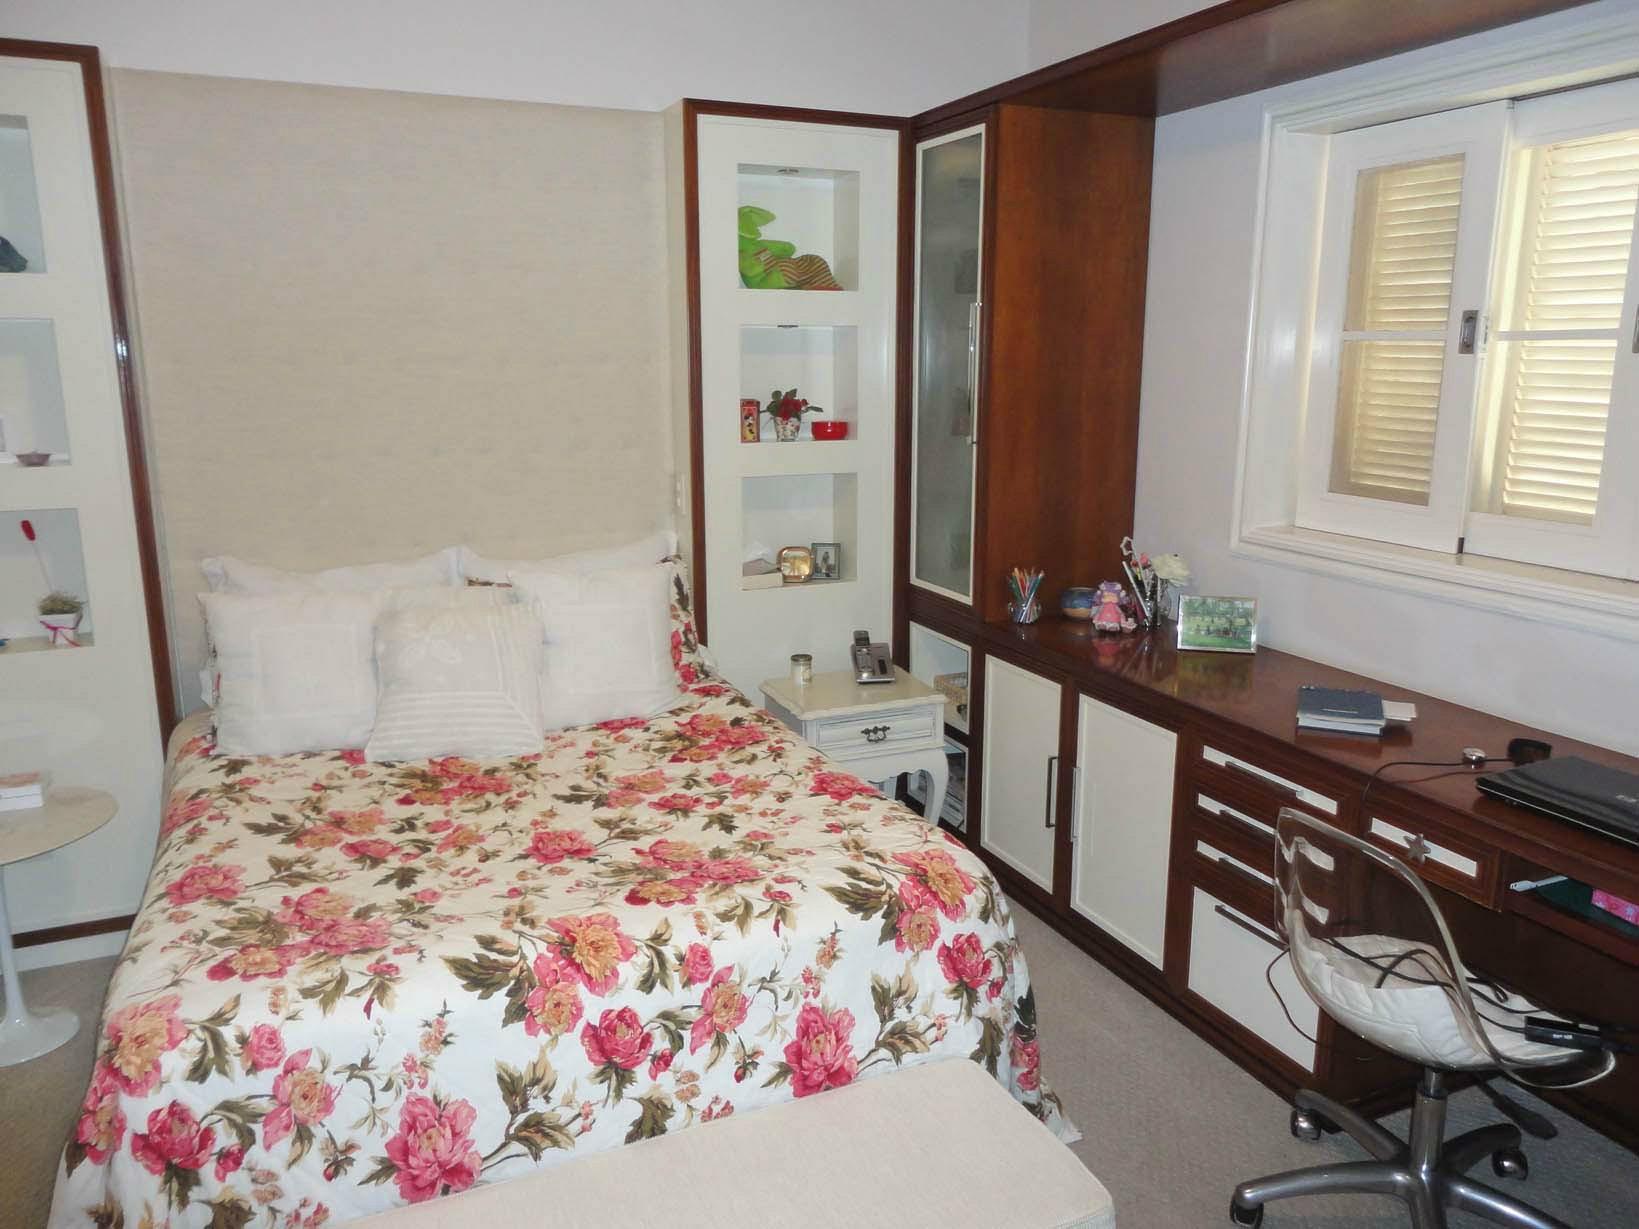 Sobrado de 4 dormitórios em Galleria, Campinas - SP